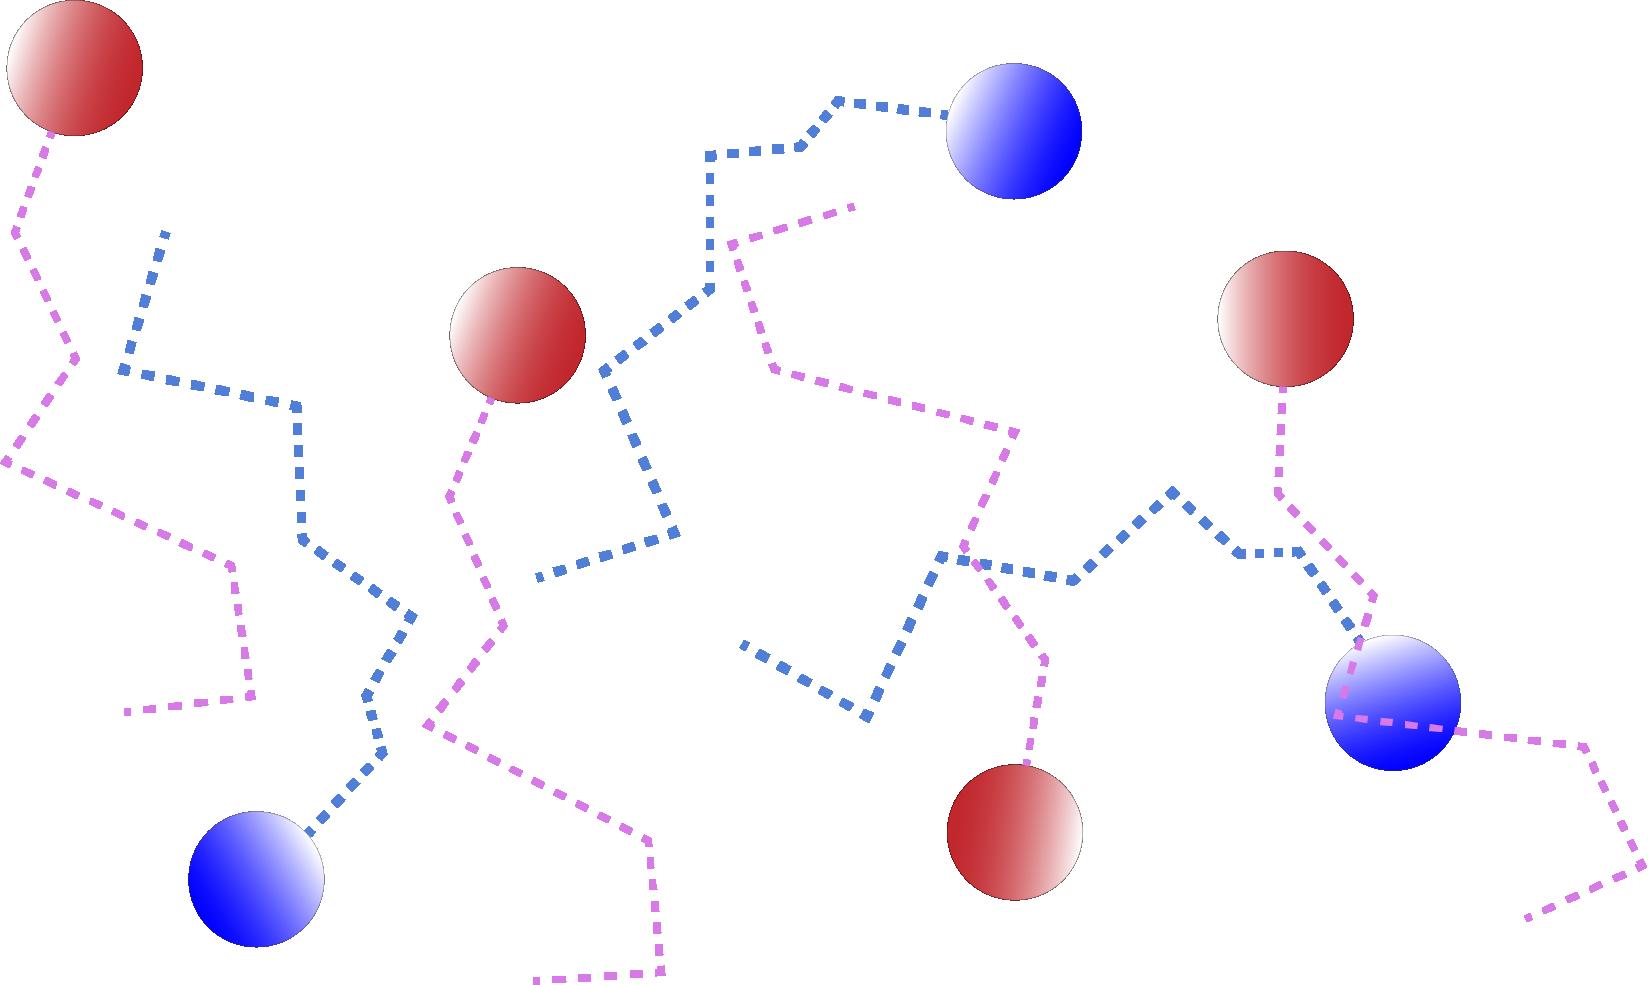 молекулы находятся в непрерывном хаотичном движении